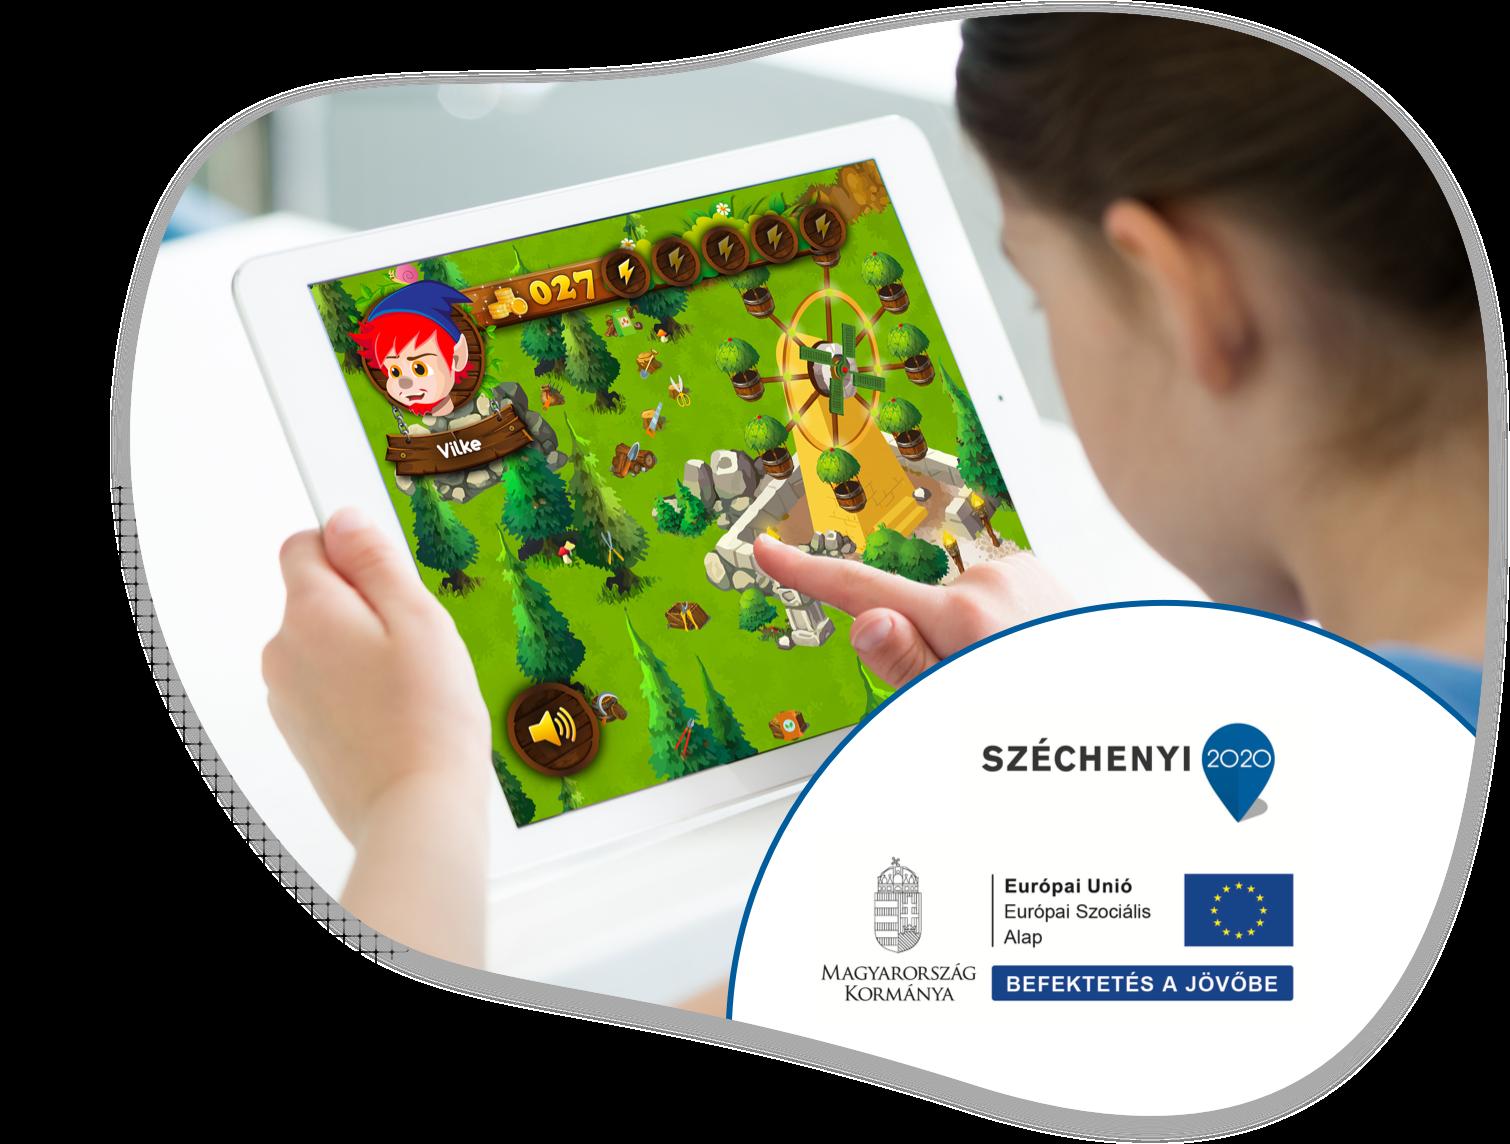 Széchenyi 2020 pályázat, Európai Szociális Alap, Manóparki kalandok